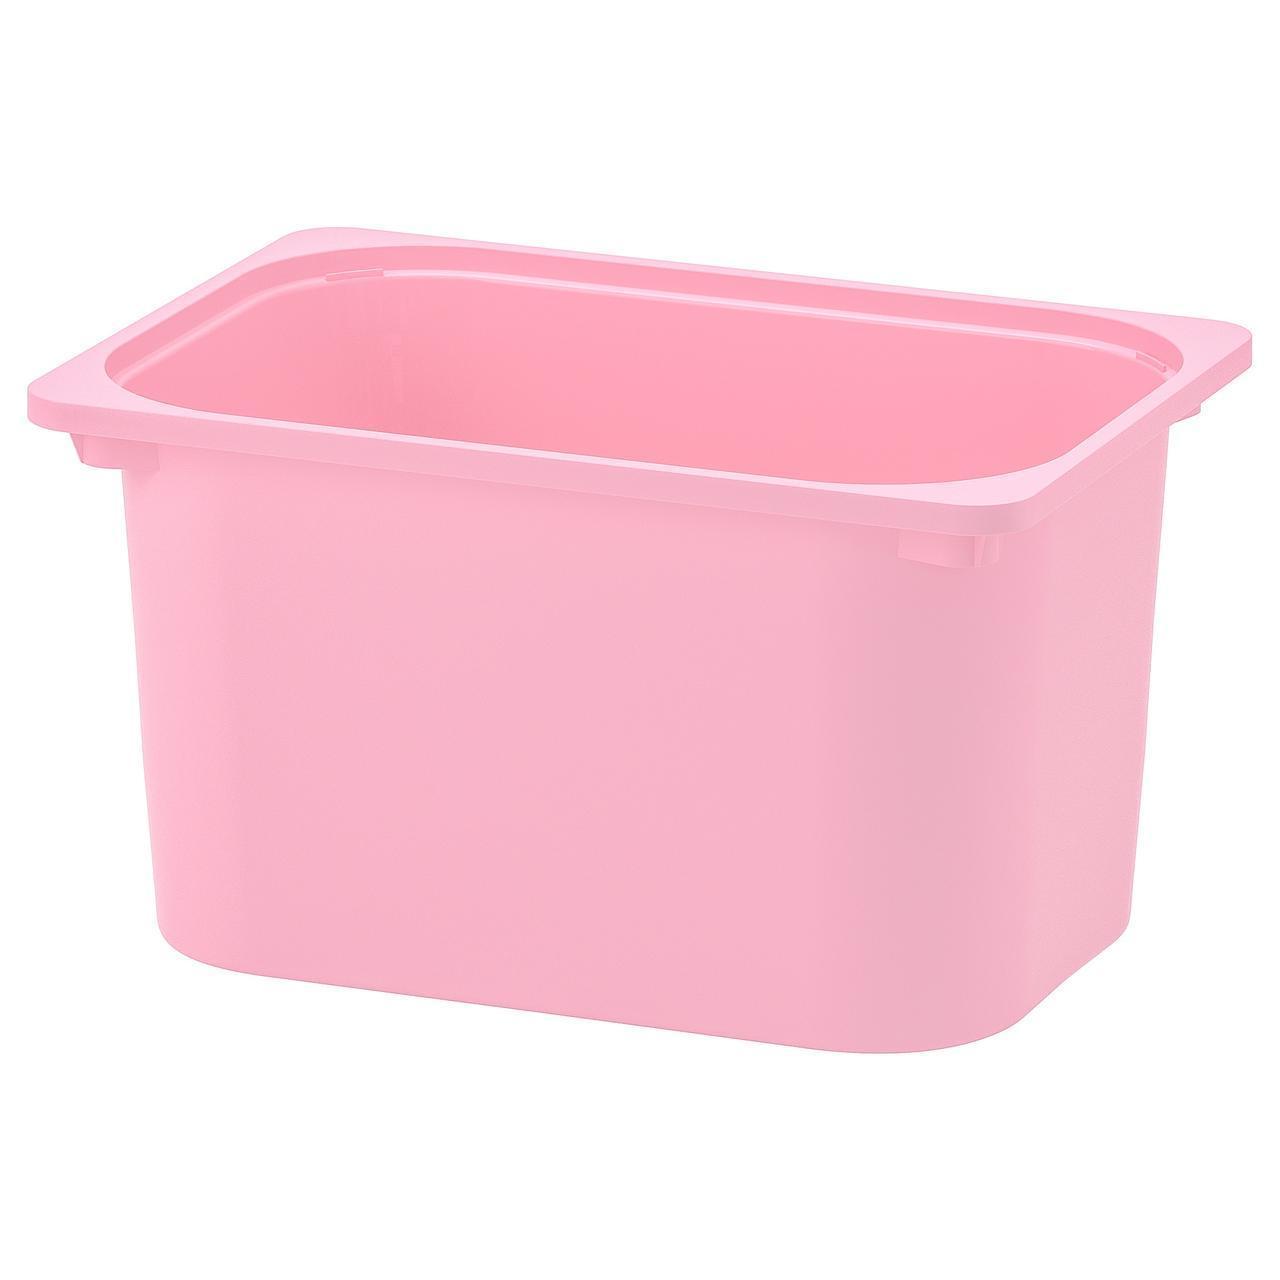 Контейнер IKEA TROFAST розовый 504.662.75